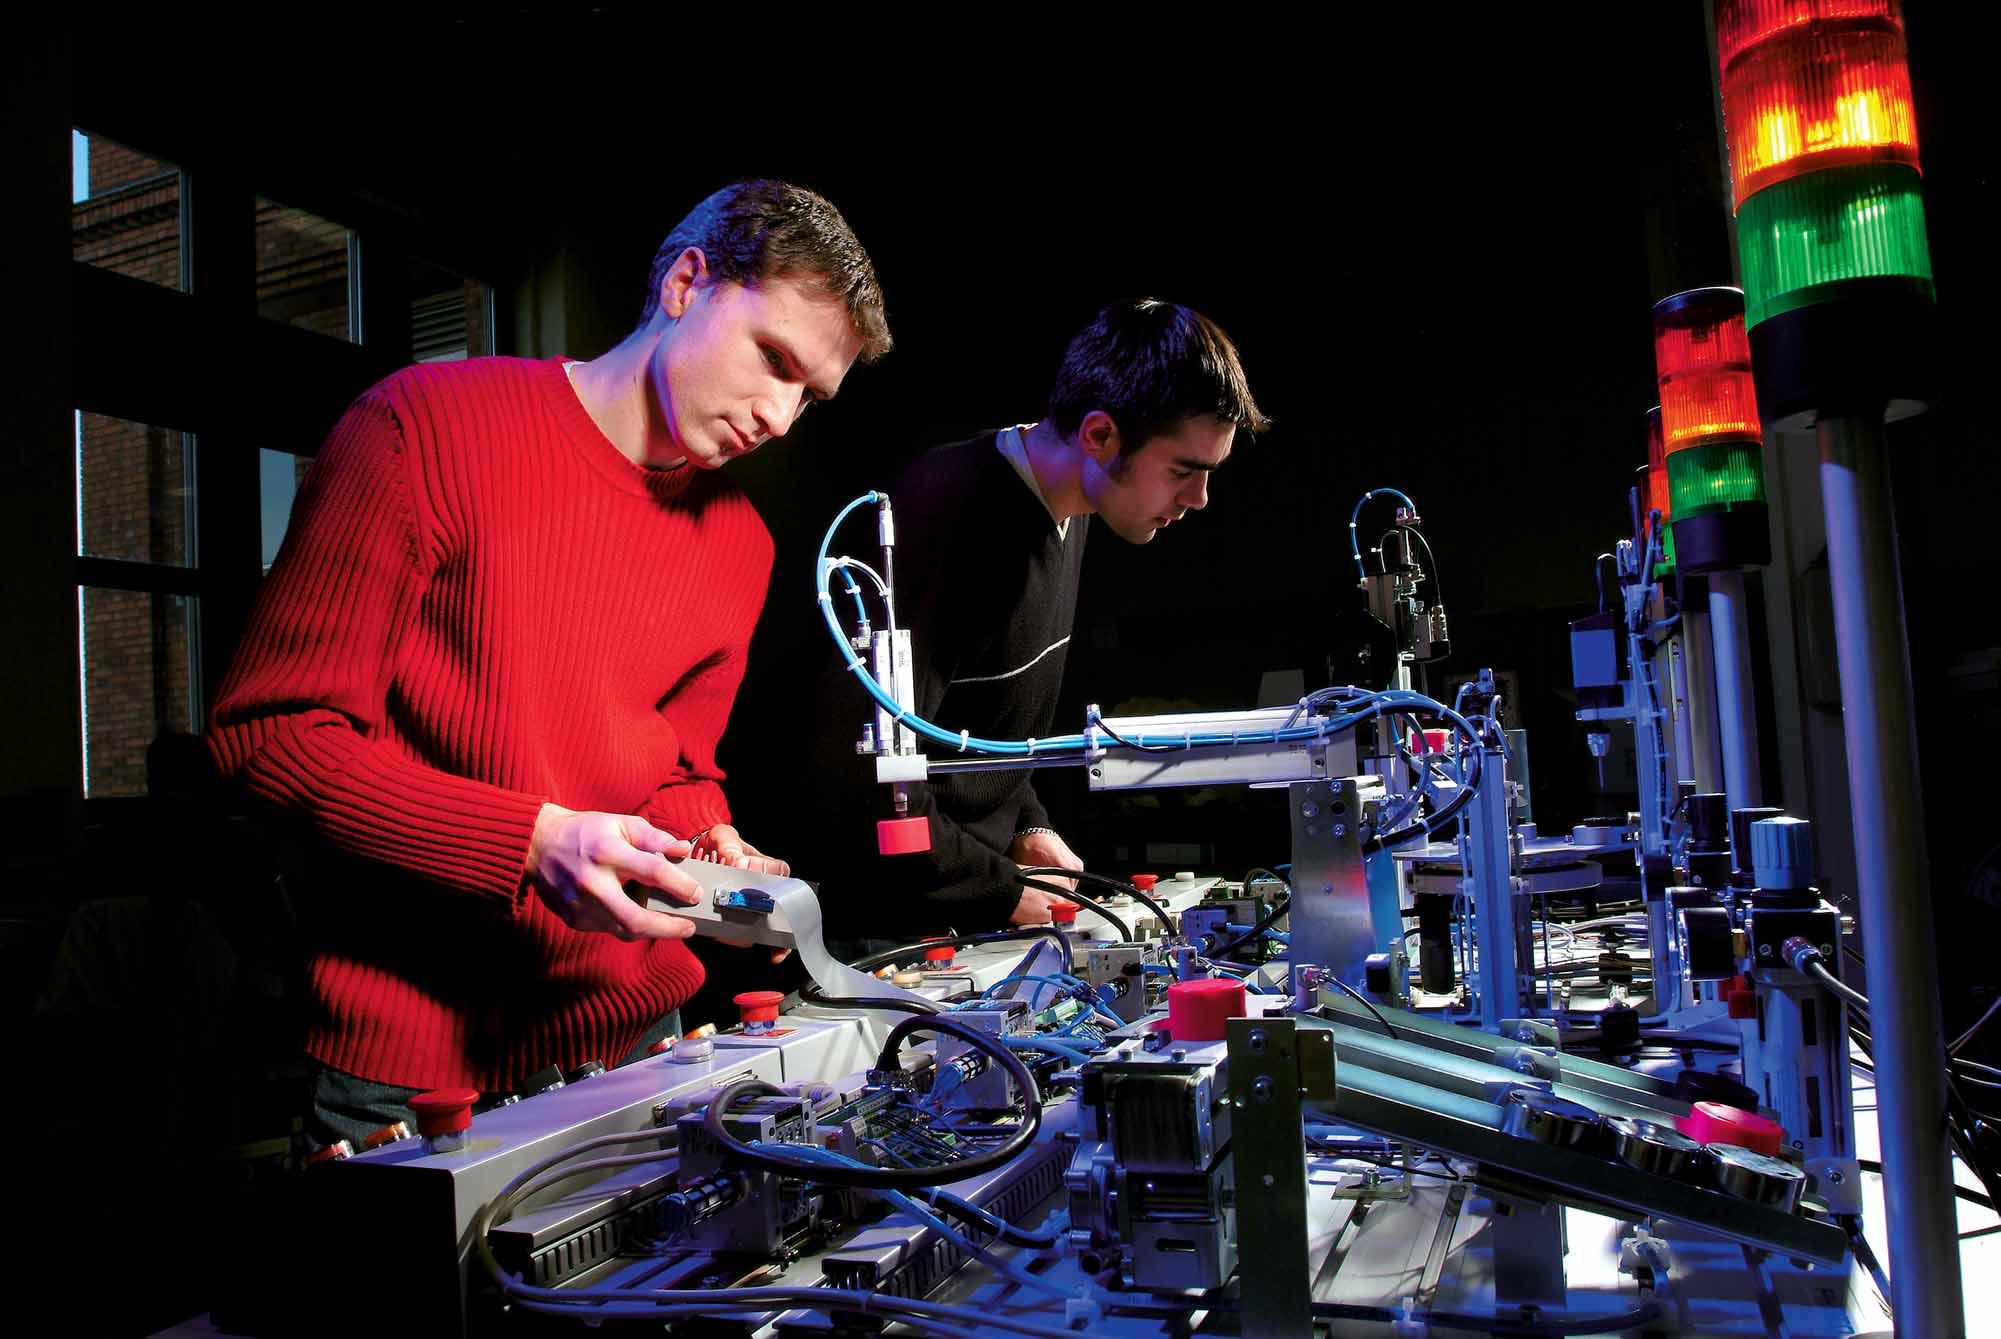 UTBM - étudiants ingénieur recherche laboratoire